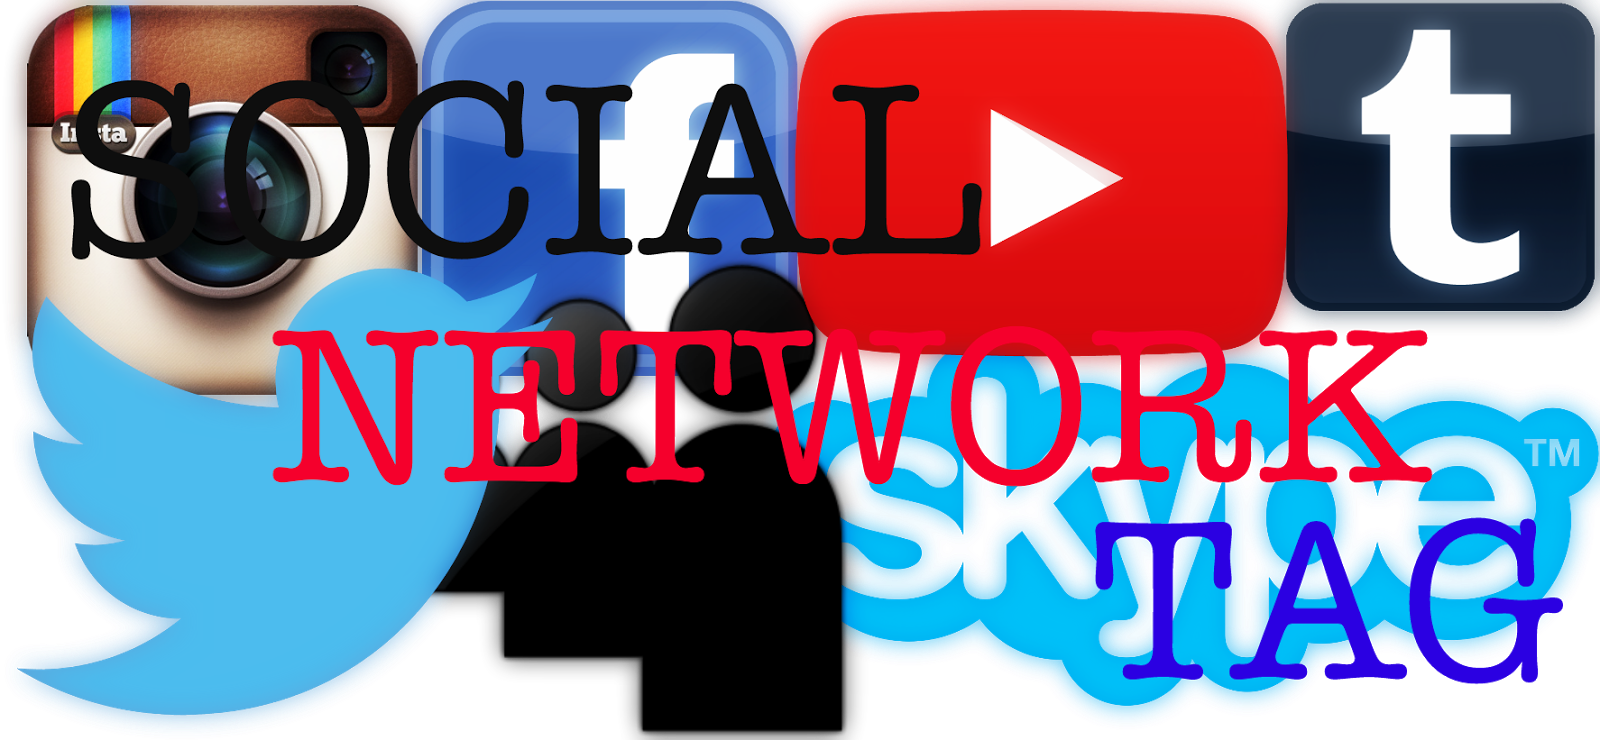 [TAG] Social Networks